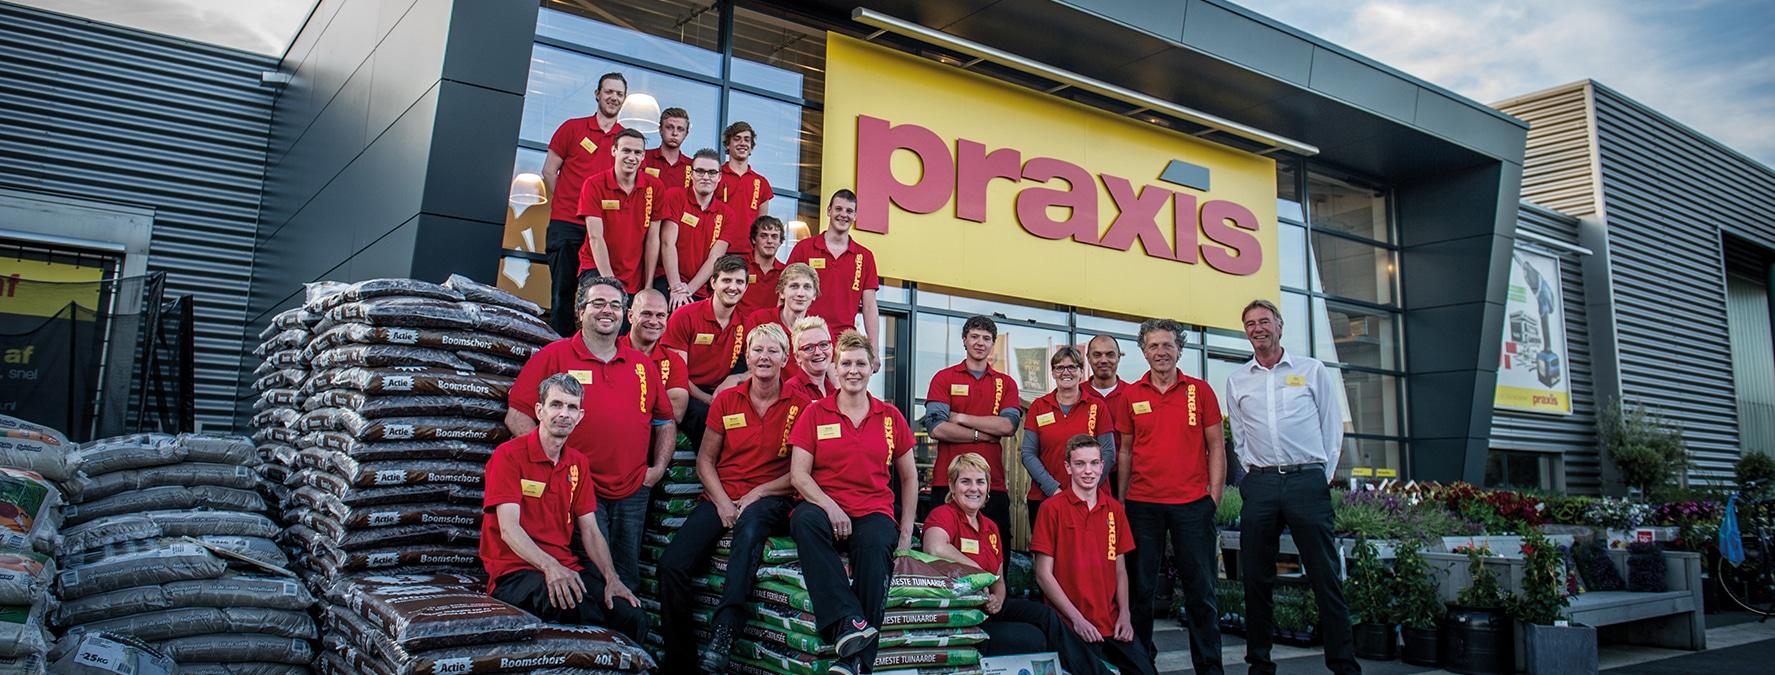 """Bekend Praxis Noordwijk: """"Doe het anders dan mensen gewend zijn HM53"""